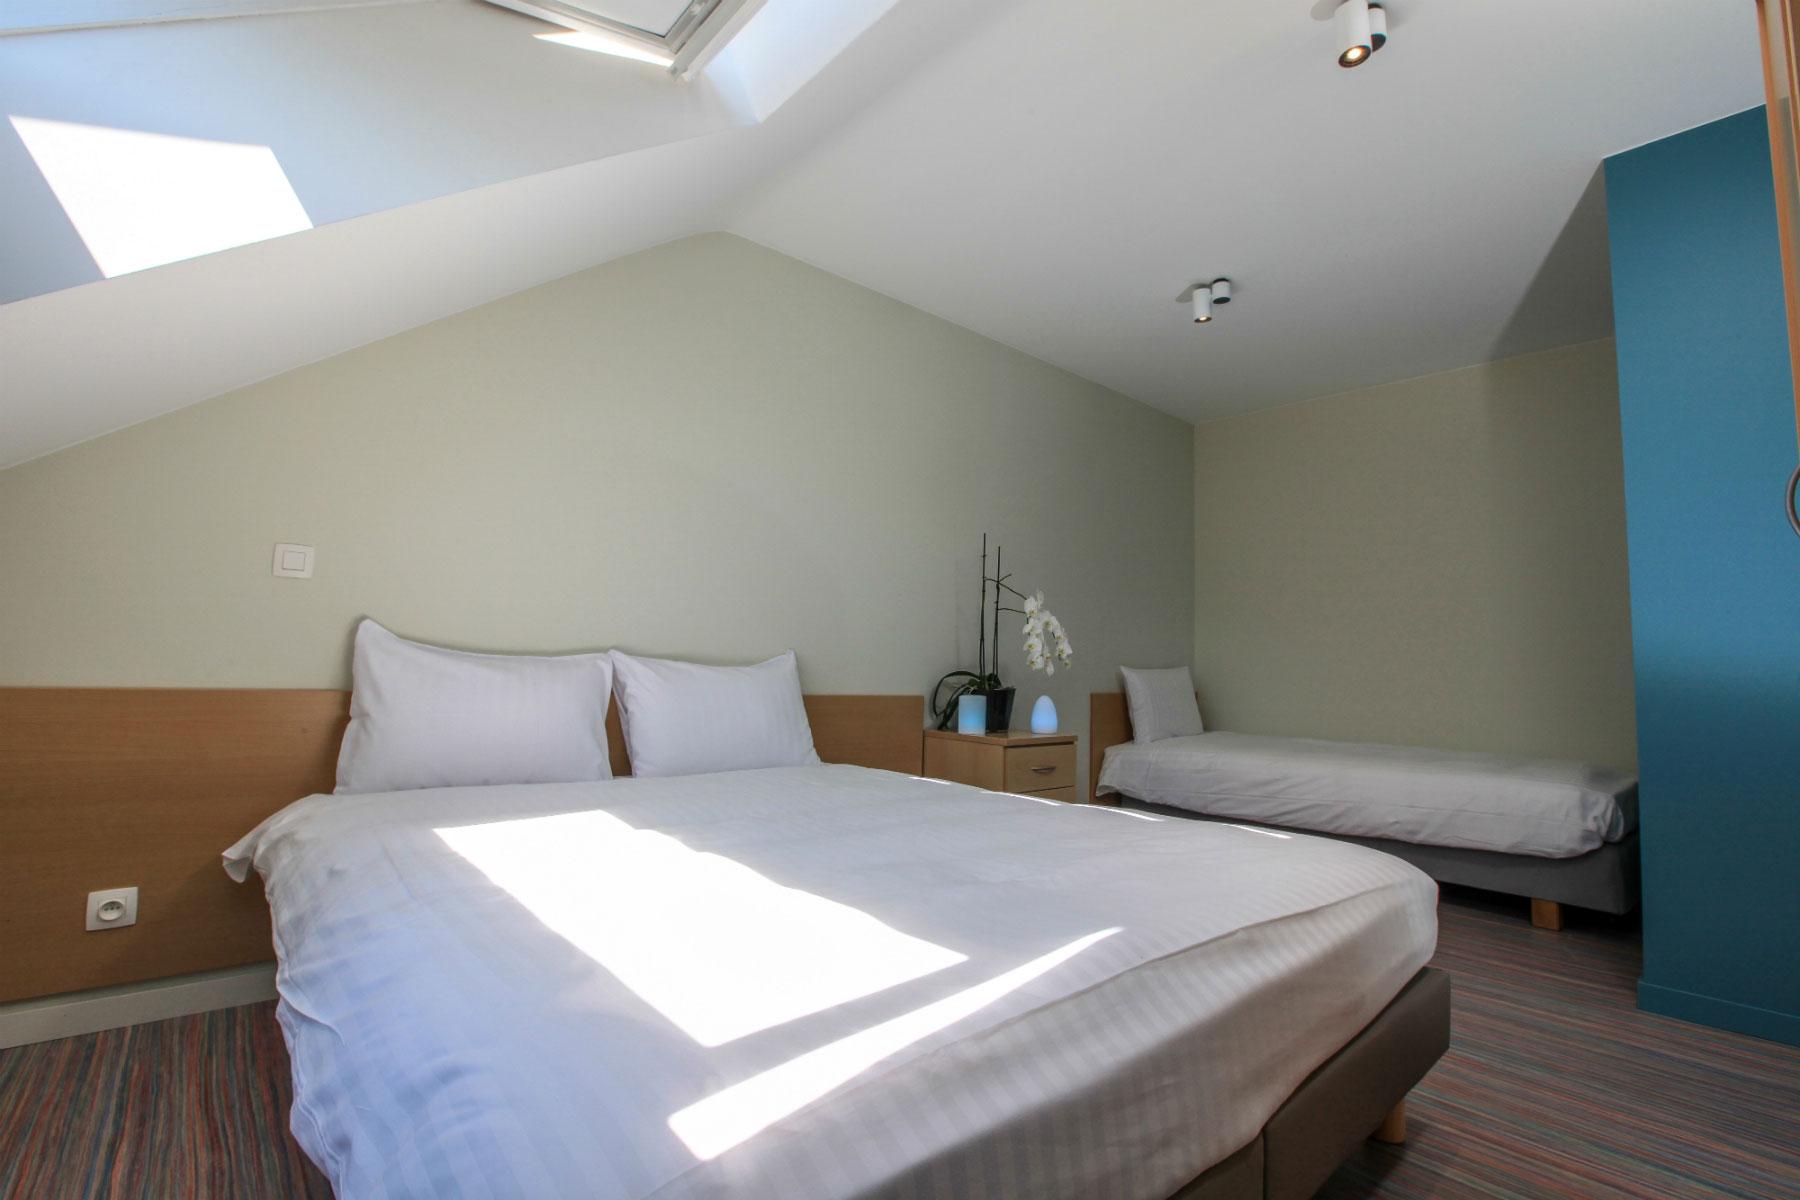 Azur en Ardenne appartement slaapkamer